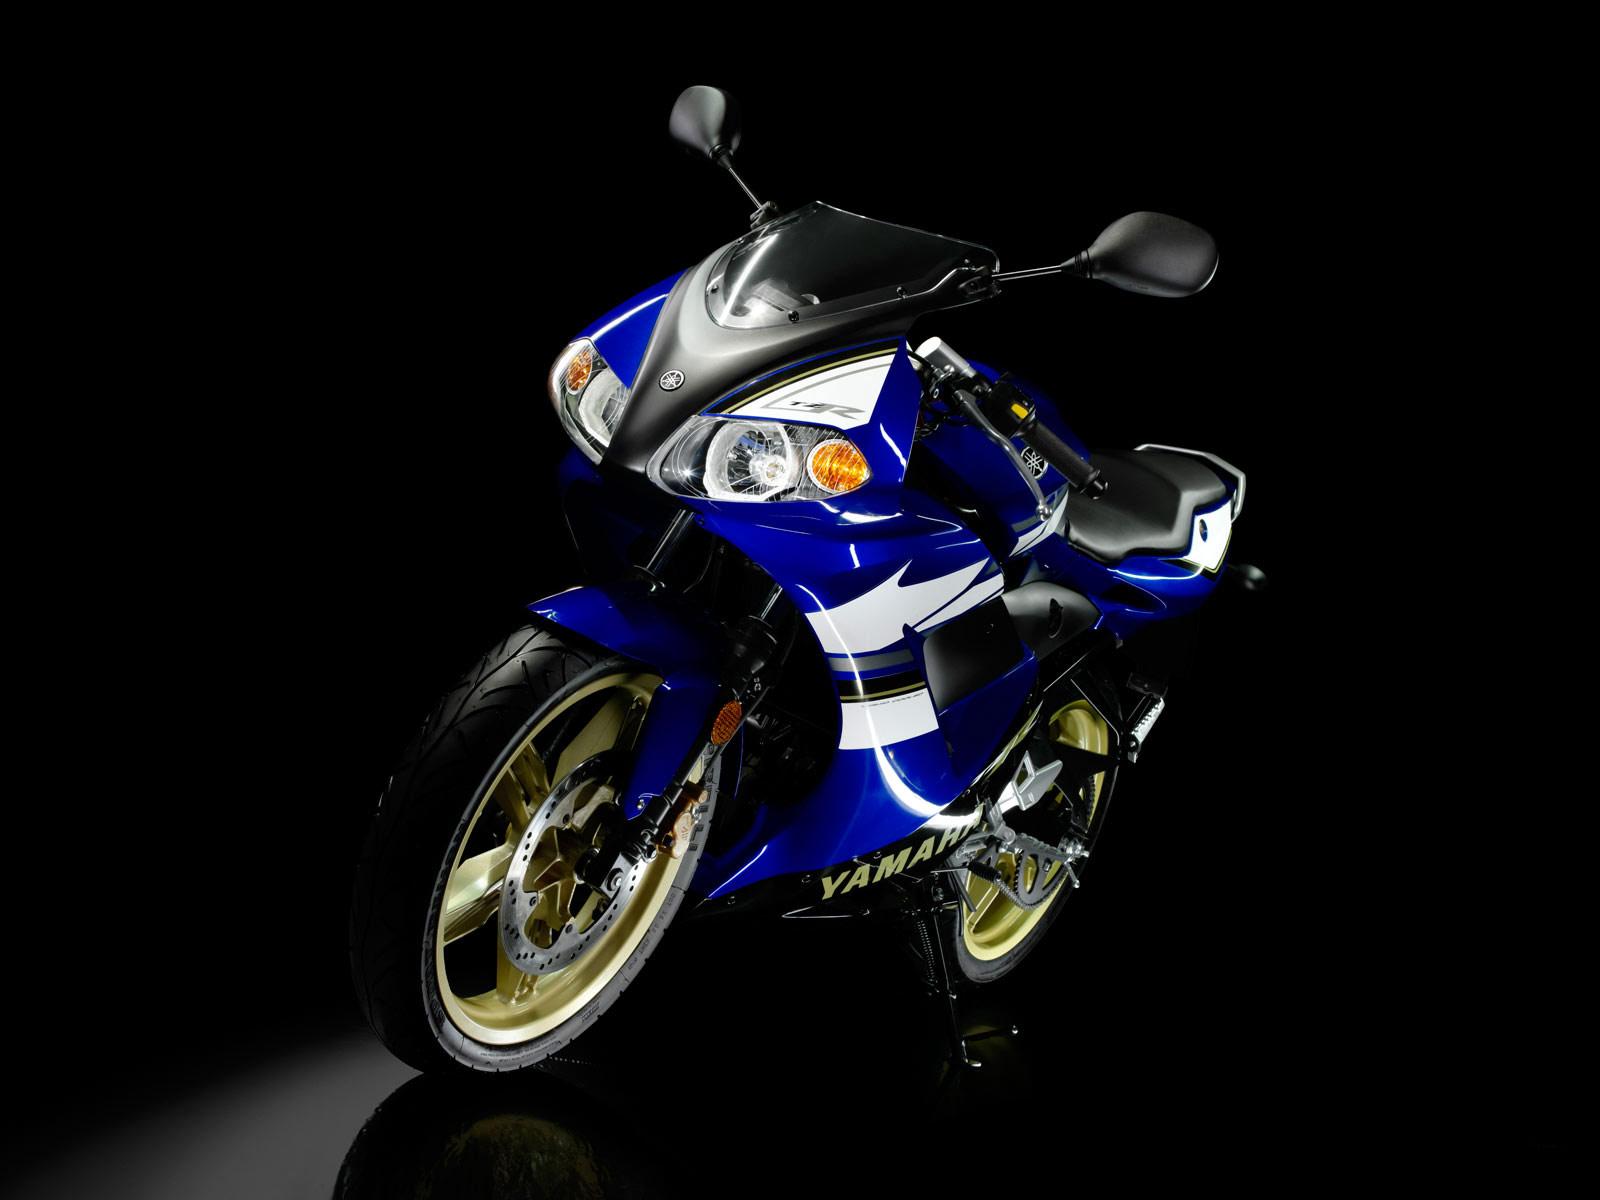 Pereng Motorcycle Yamaha Tzr50 Imut Banget